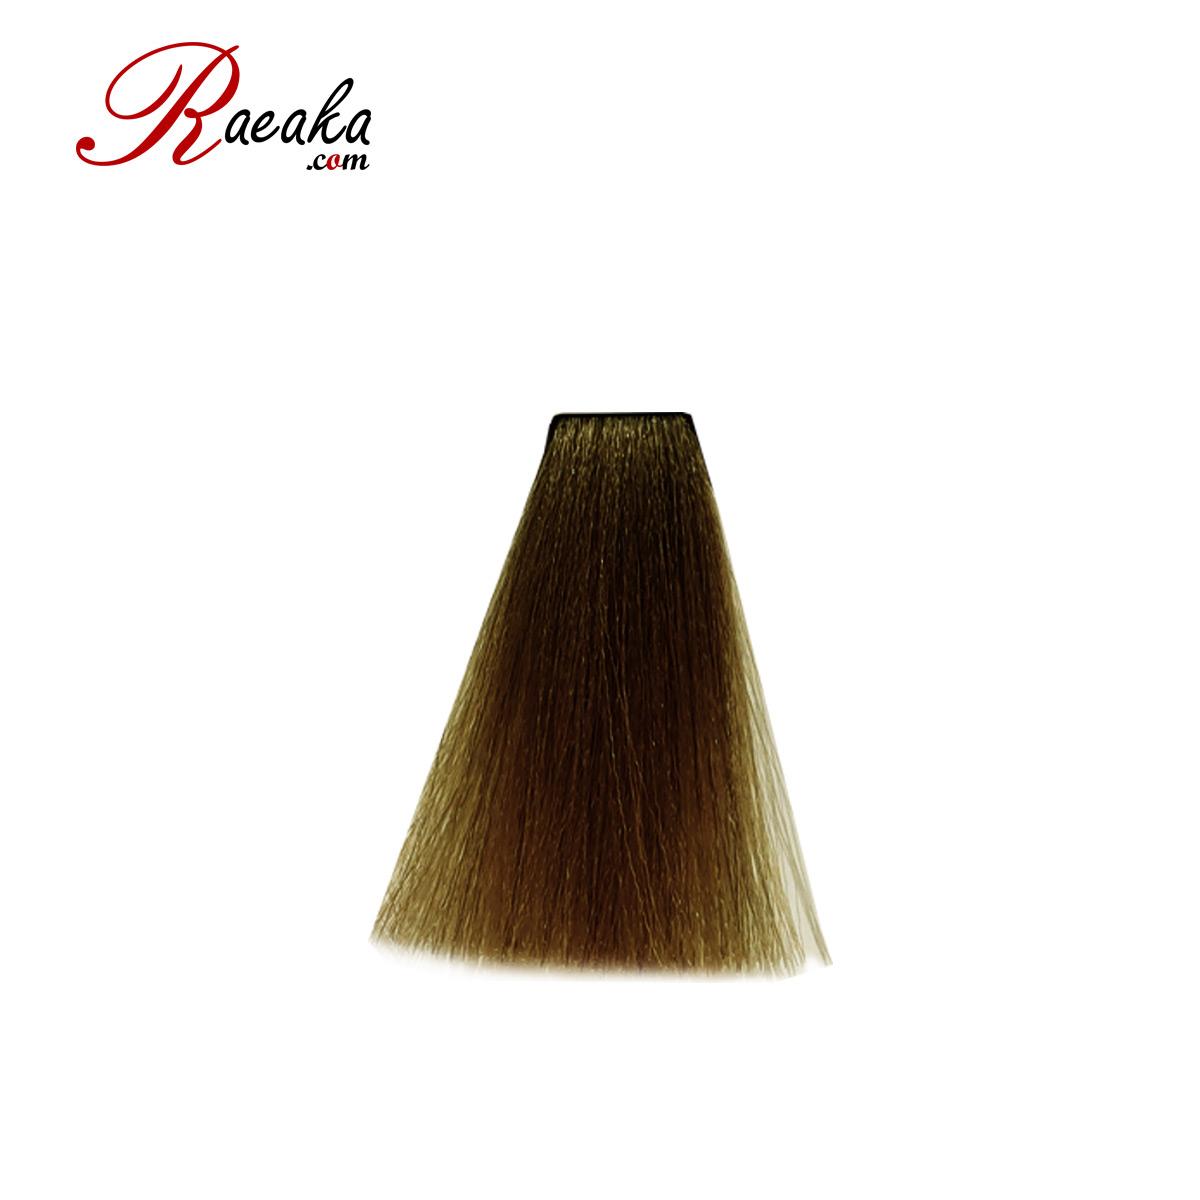 رنگ مو دوشس سری طبیعی شماره 0-7 حجم 125 میلی لیتر